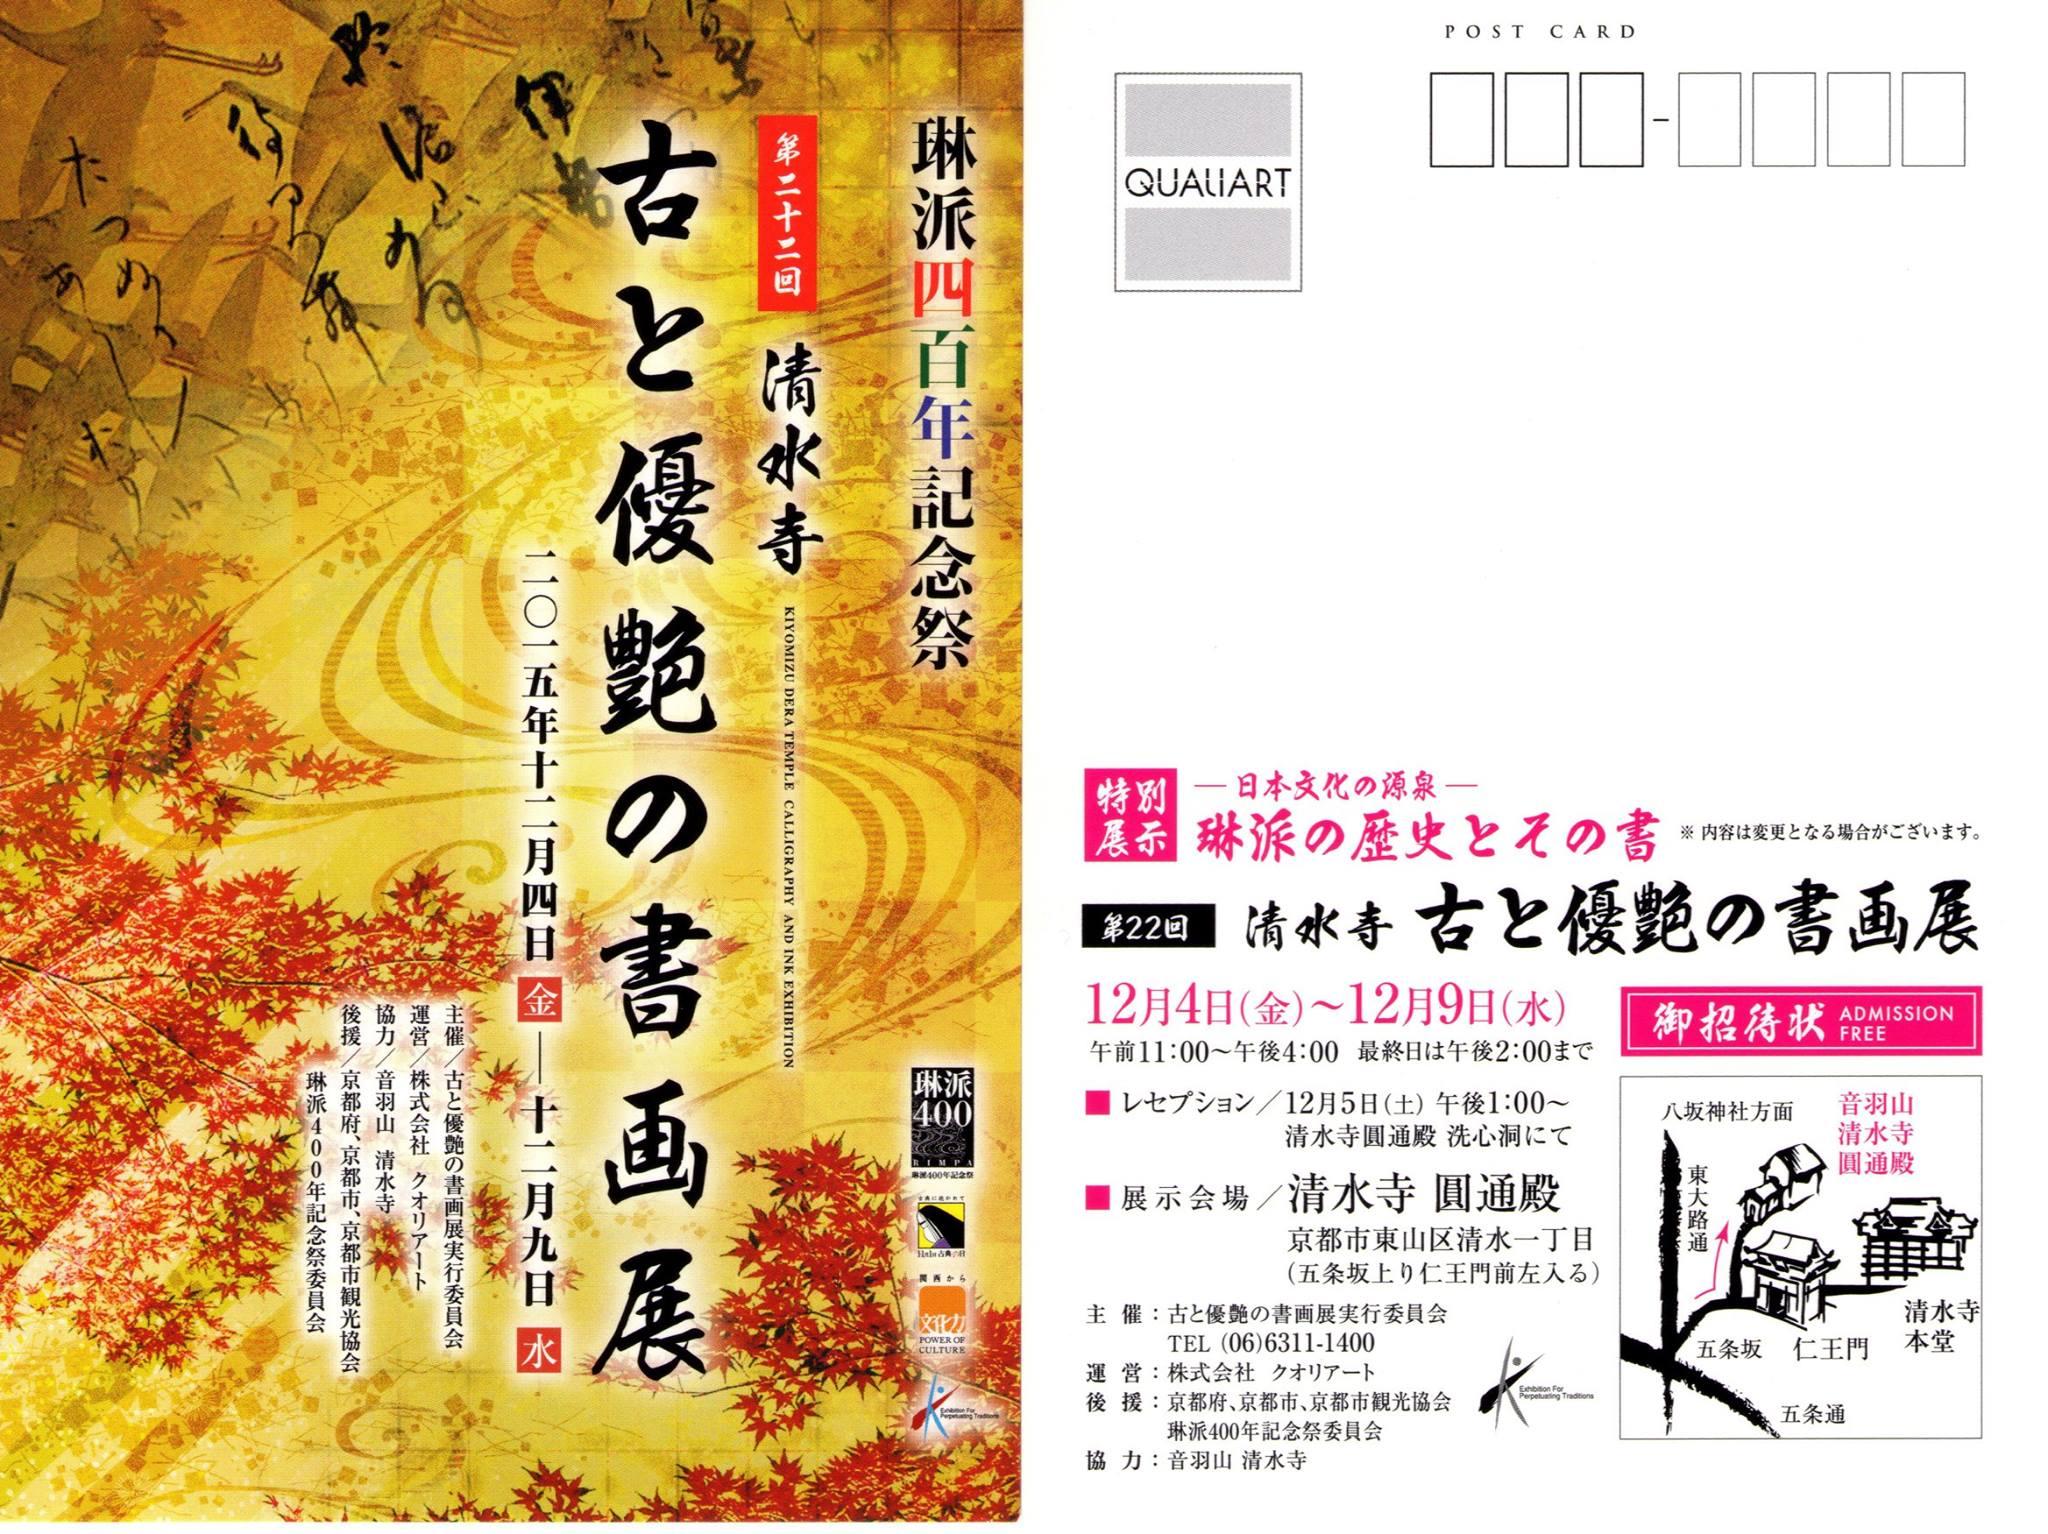 清水寺 古と優越の書画展 花文字